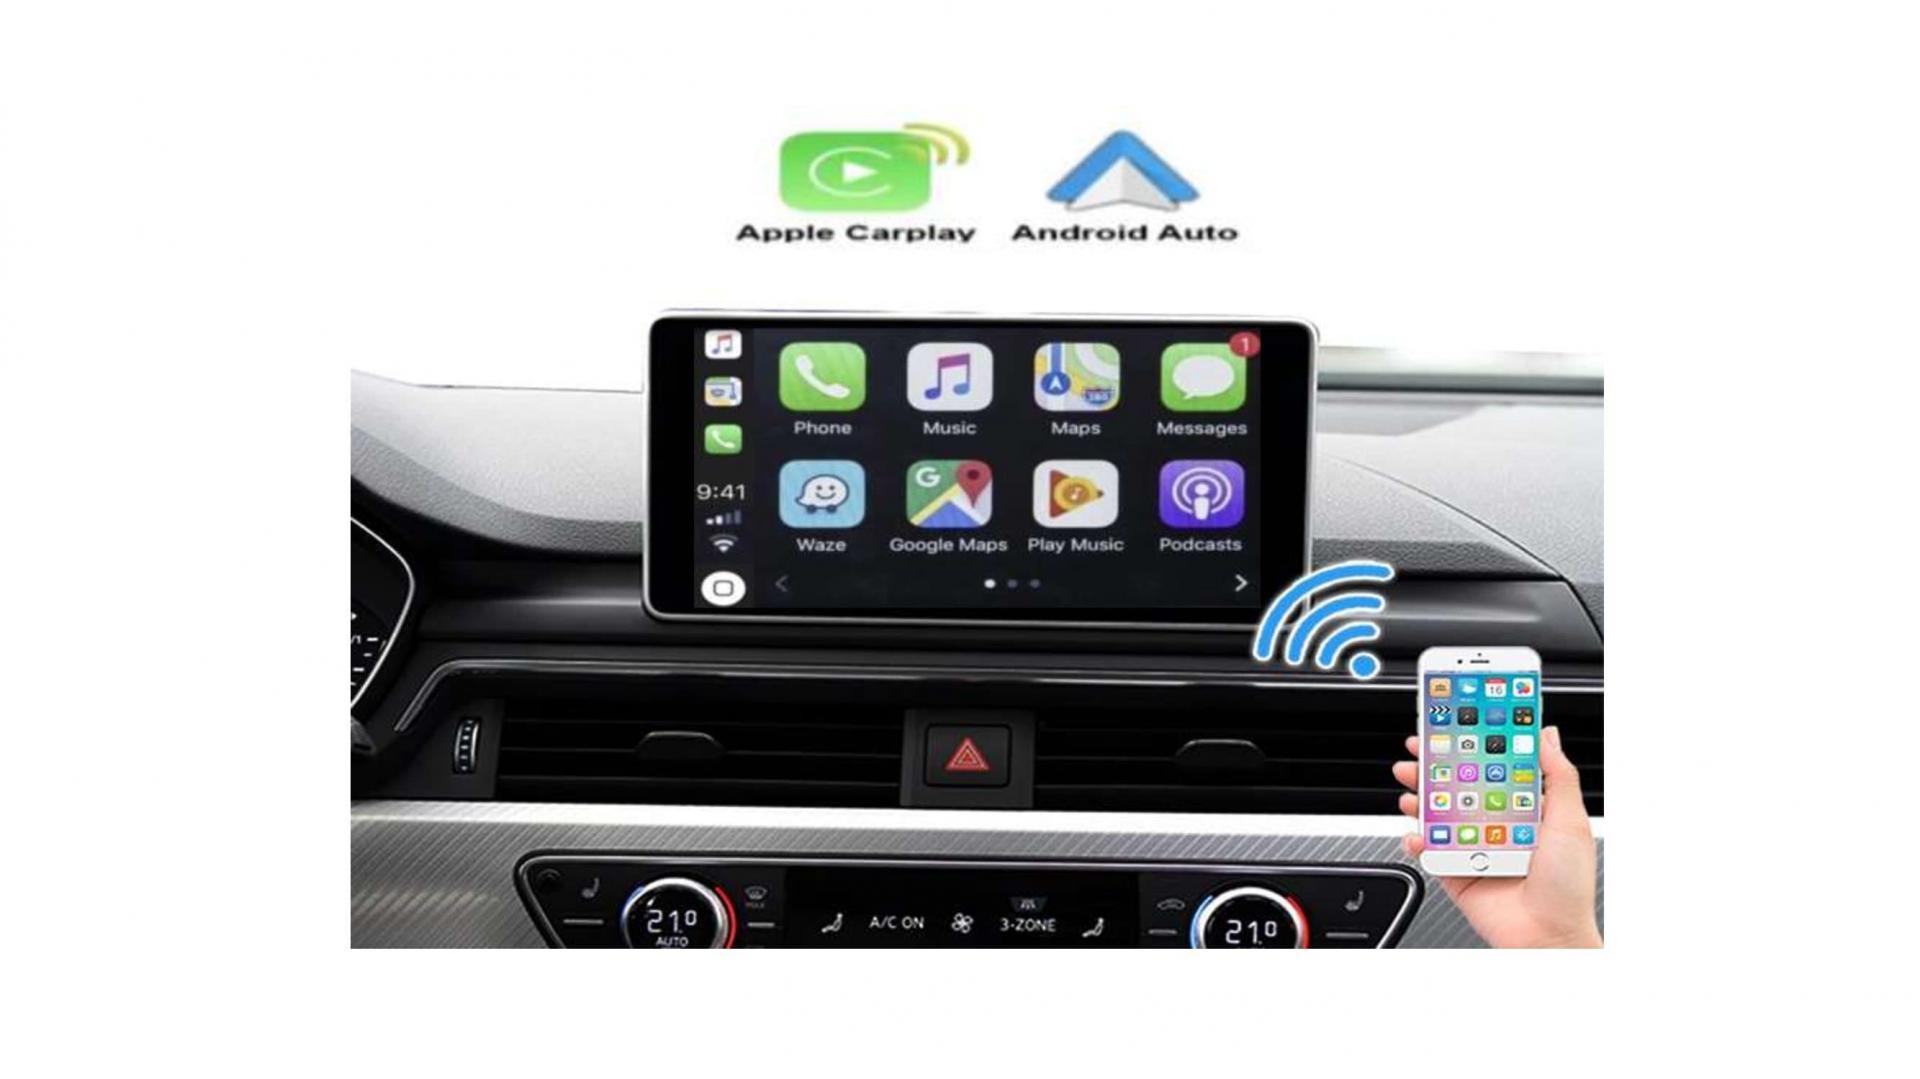 Android auto audi q5 peugeot renault megane4 mercedes peugeot opel toyota camera de recul commande au volant ipod tv dvbt 3g 4g pas cher wifi poste usb sd tnt 2 din tactile canbus